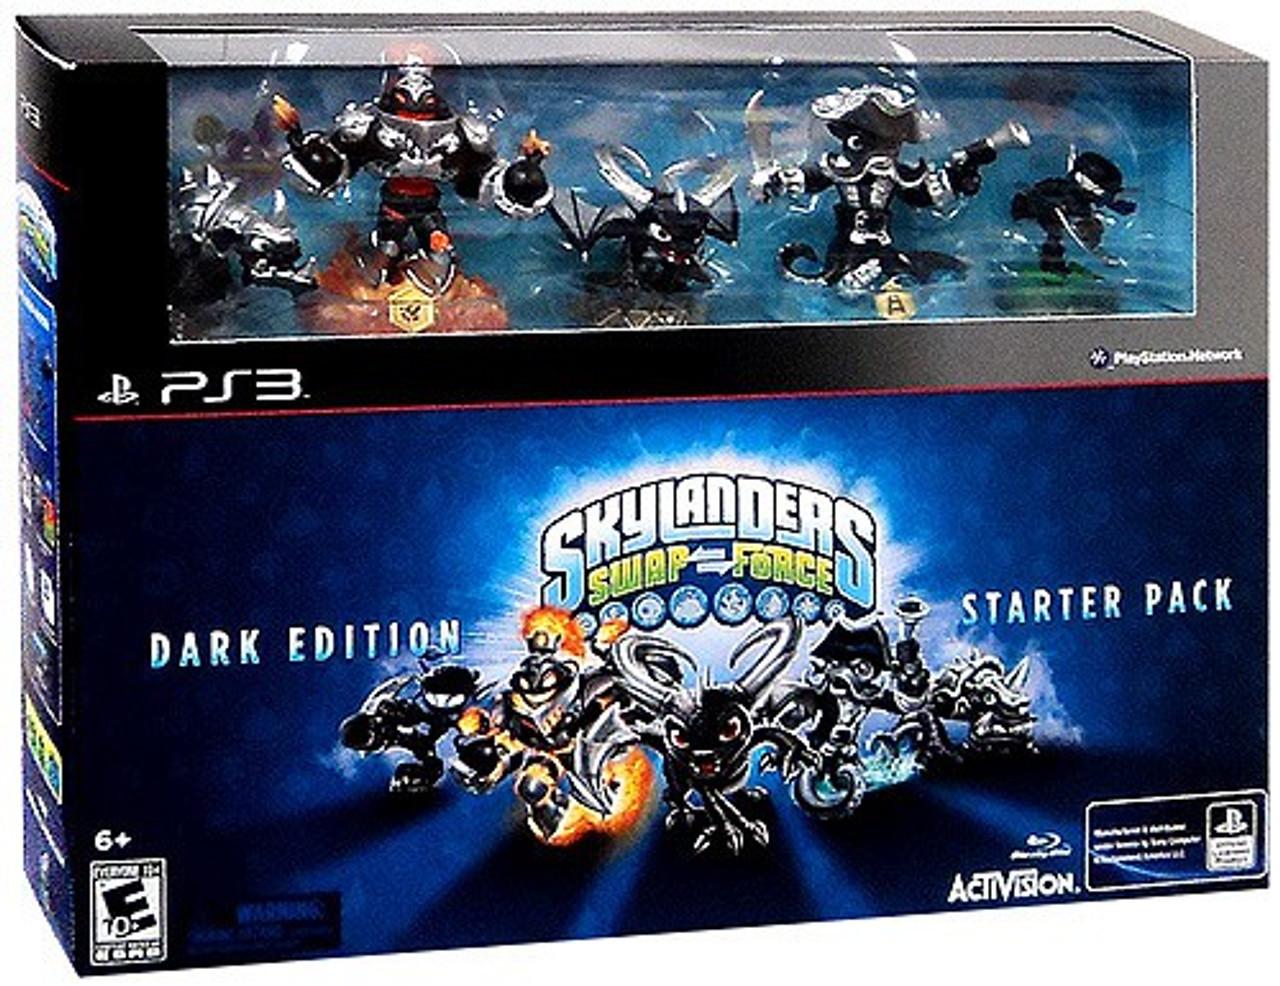 Skylanders PS3 Swap Force Starter Pack [Dark Edition]